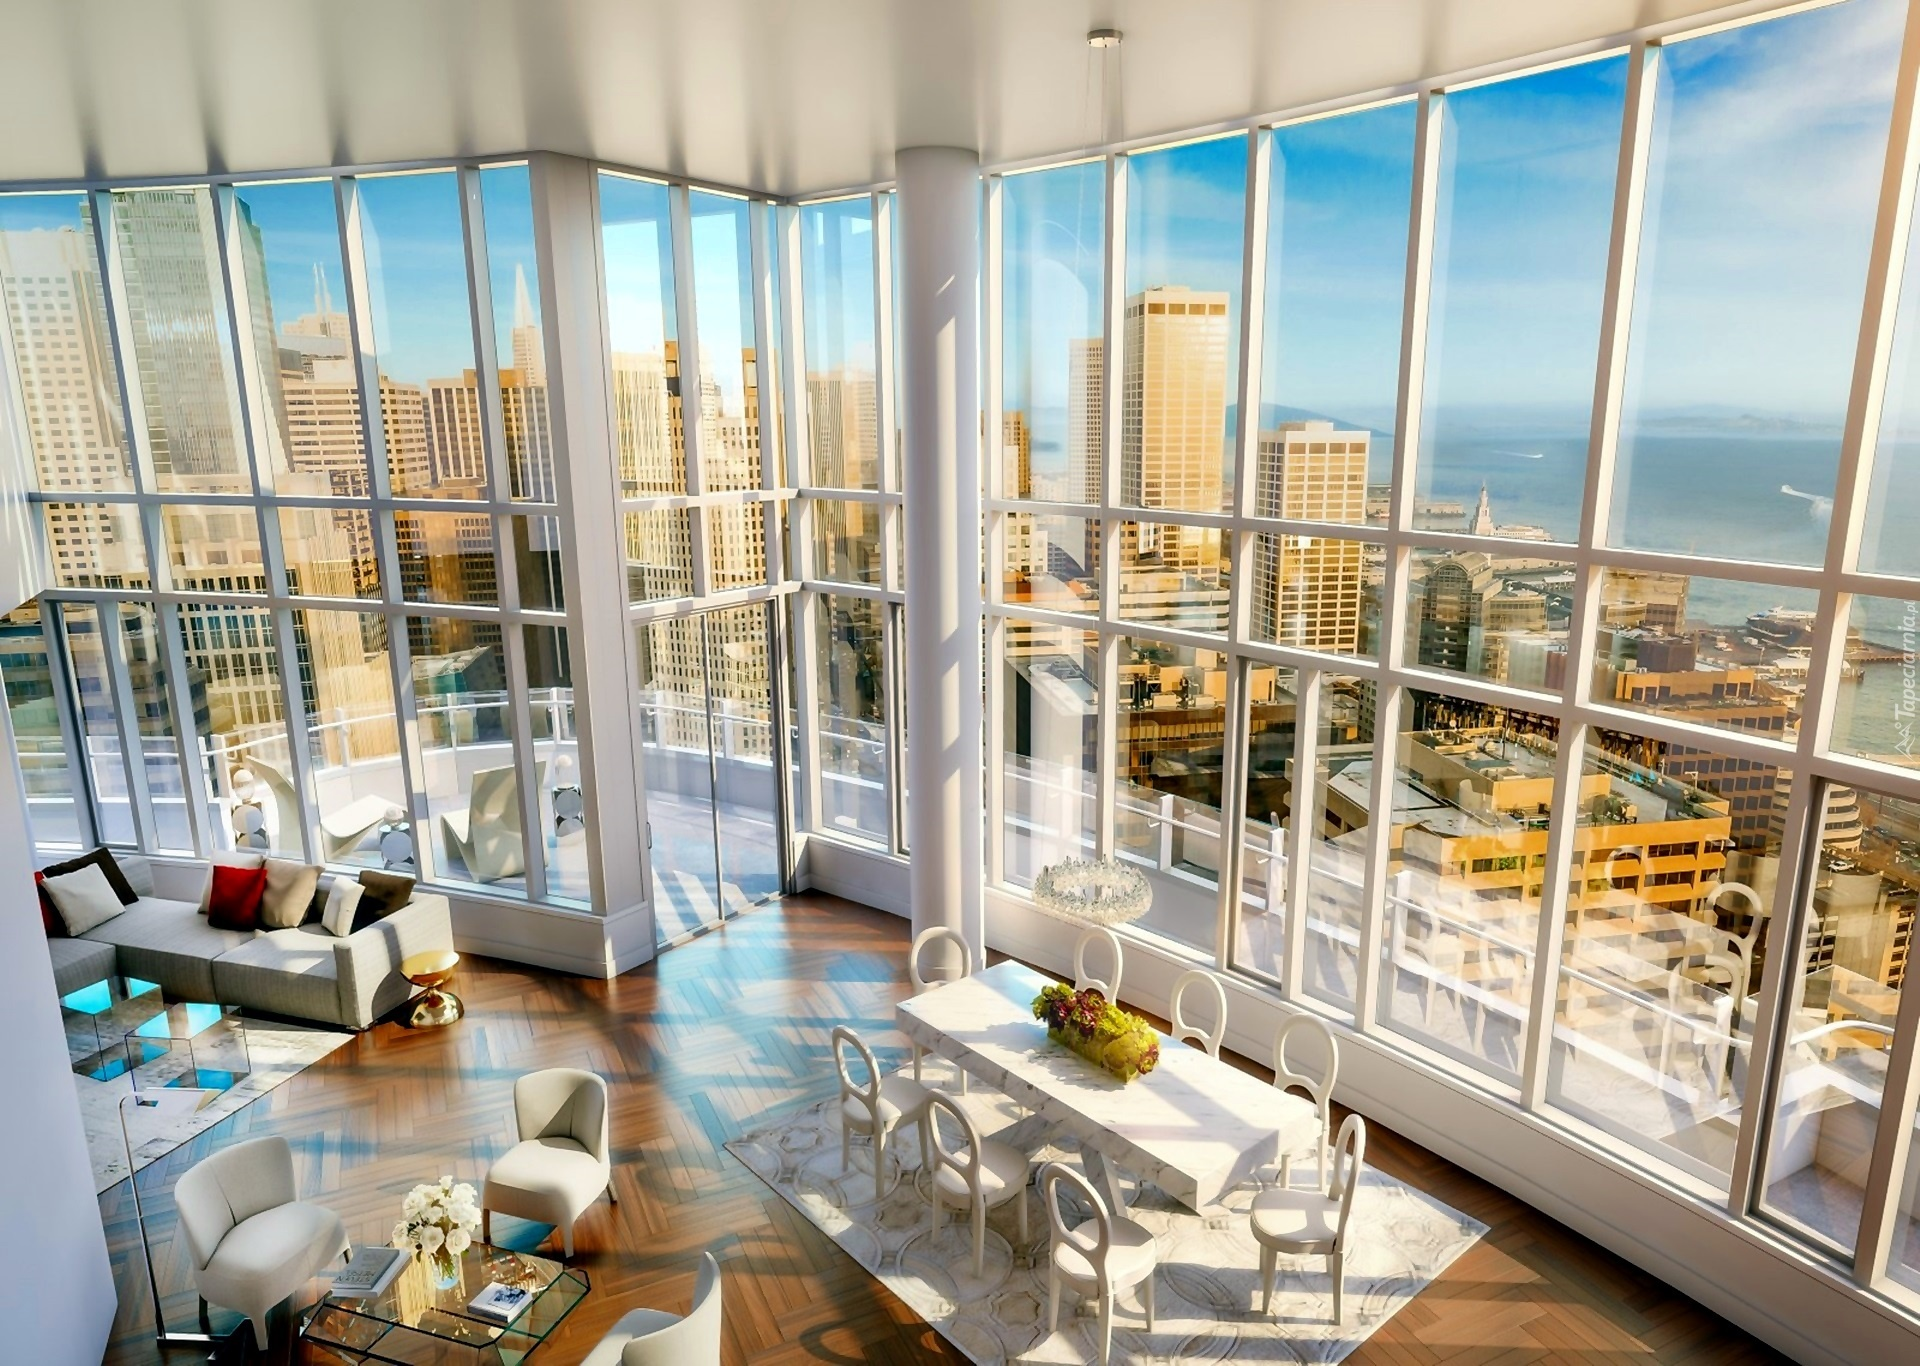 Wnętrze Pok 243 J Widokowe Okna Wieżowce Miasto